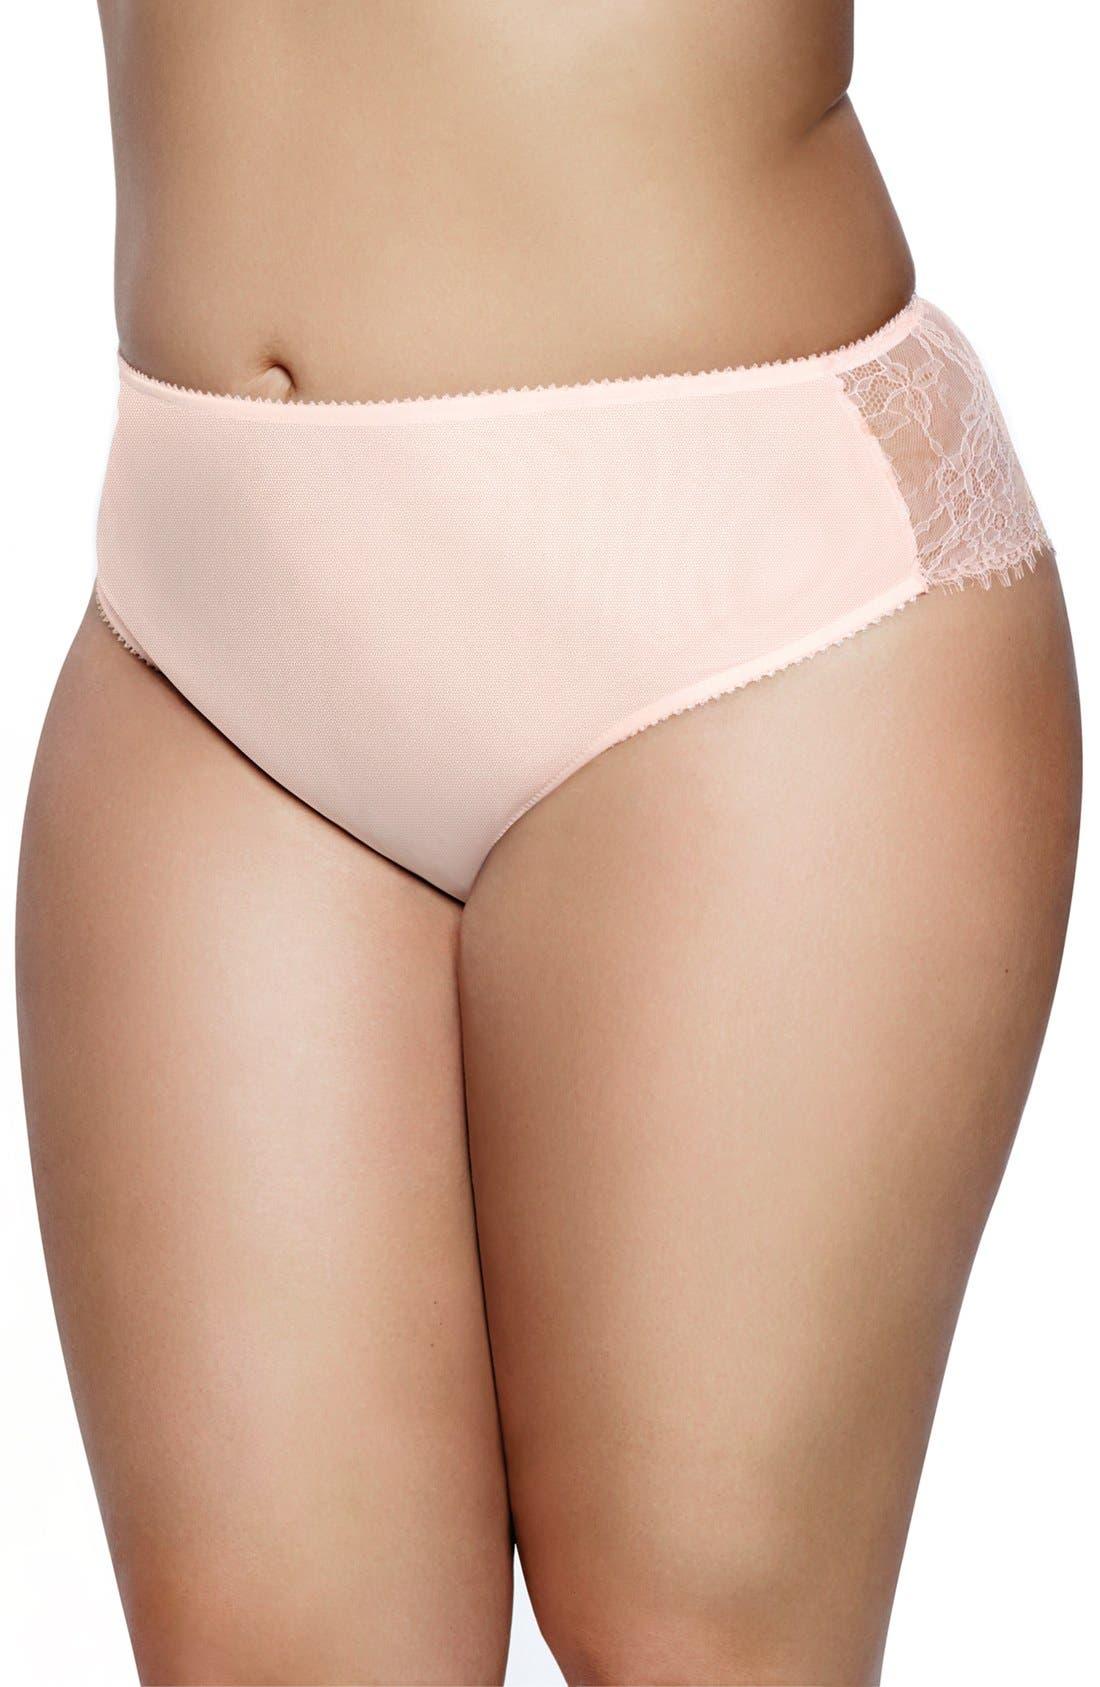 Alternate Image 1 Selected - Ashley Graham 'Basic' Lace Back Briefs(Plus Size)